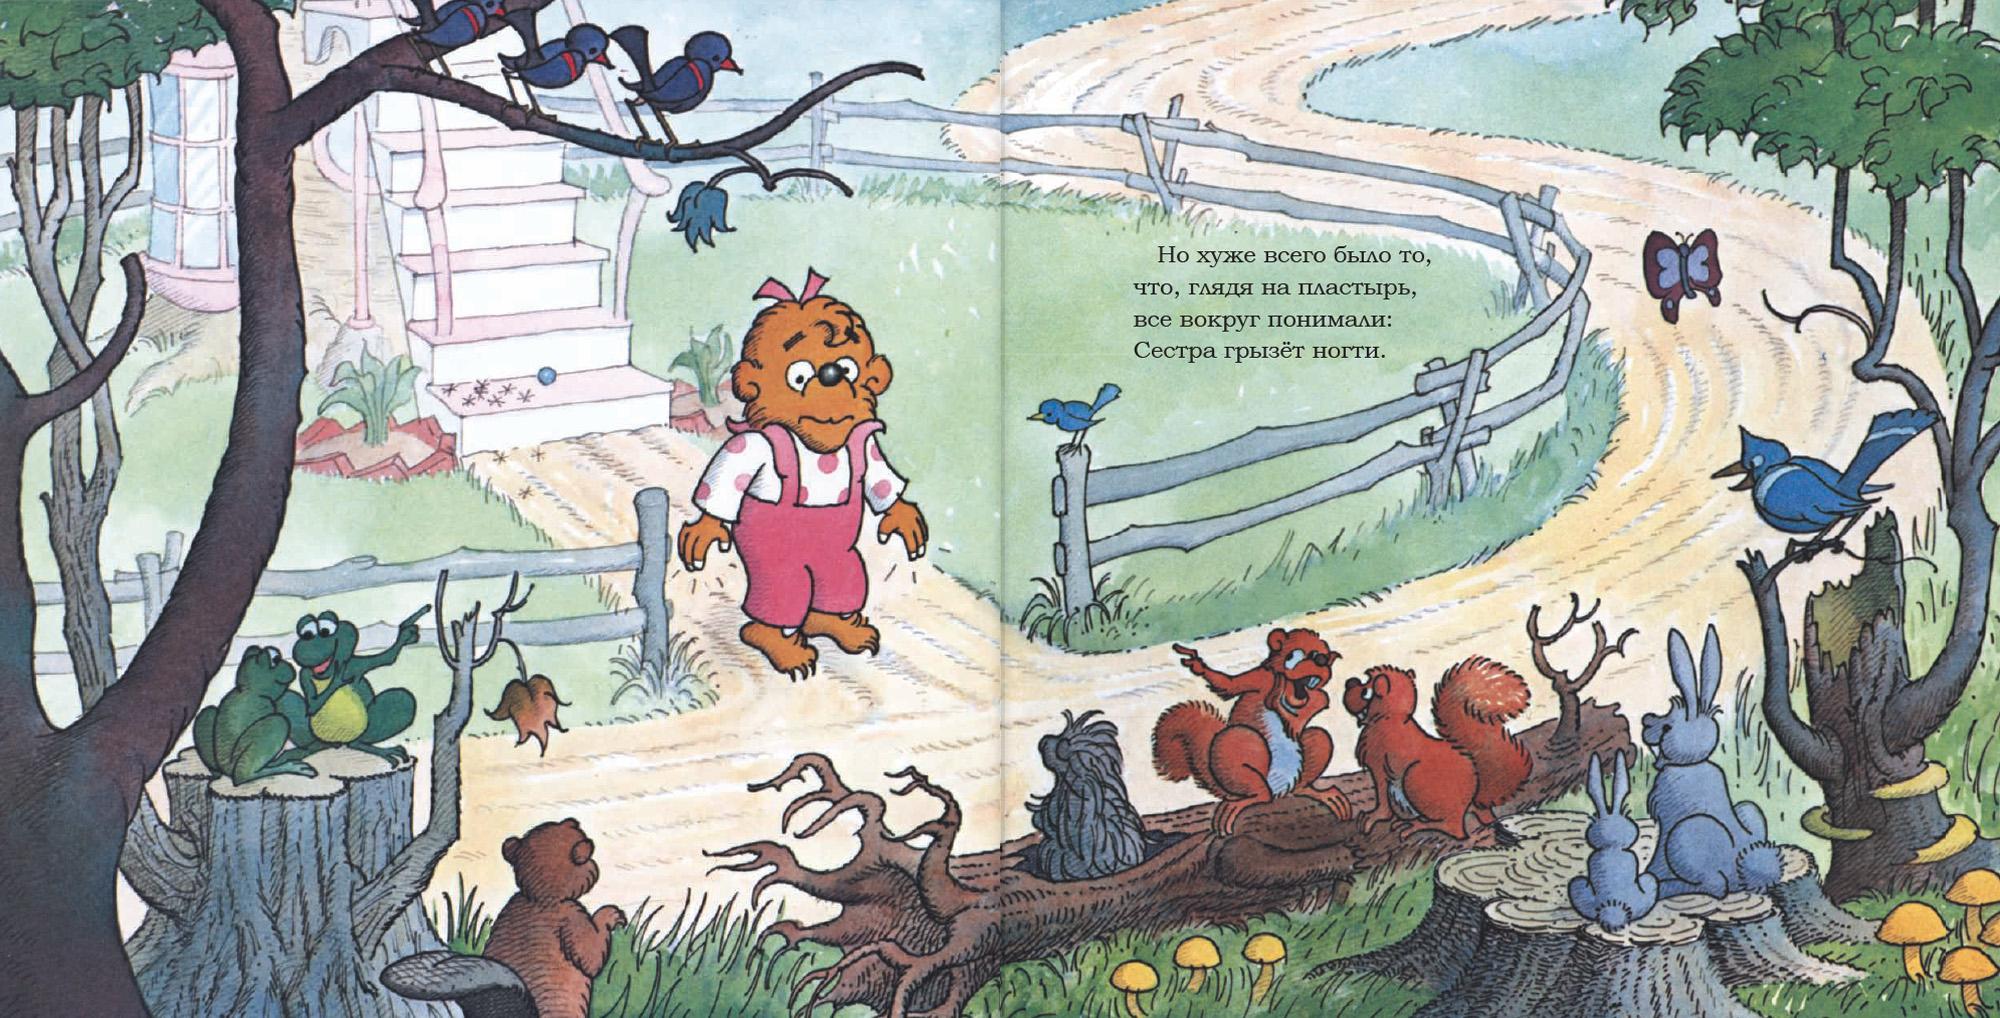 Иллюстрация из детской книги Плохая привычка